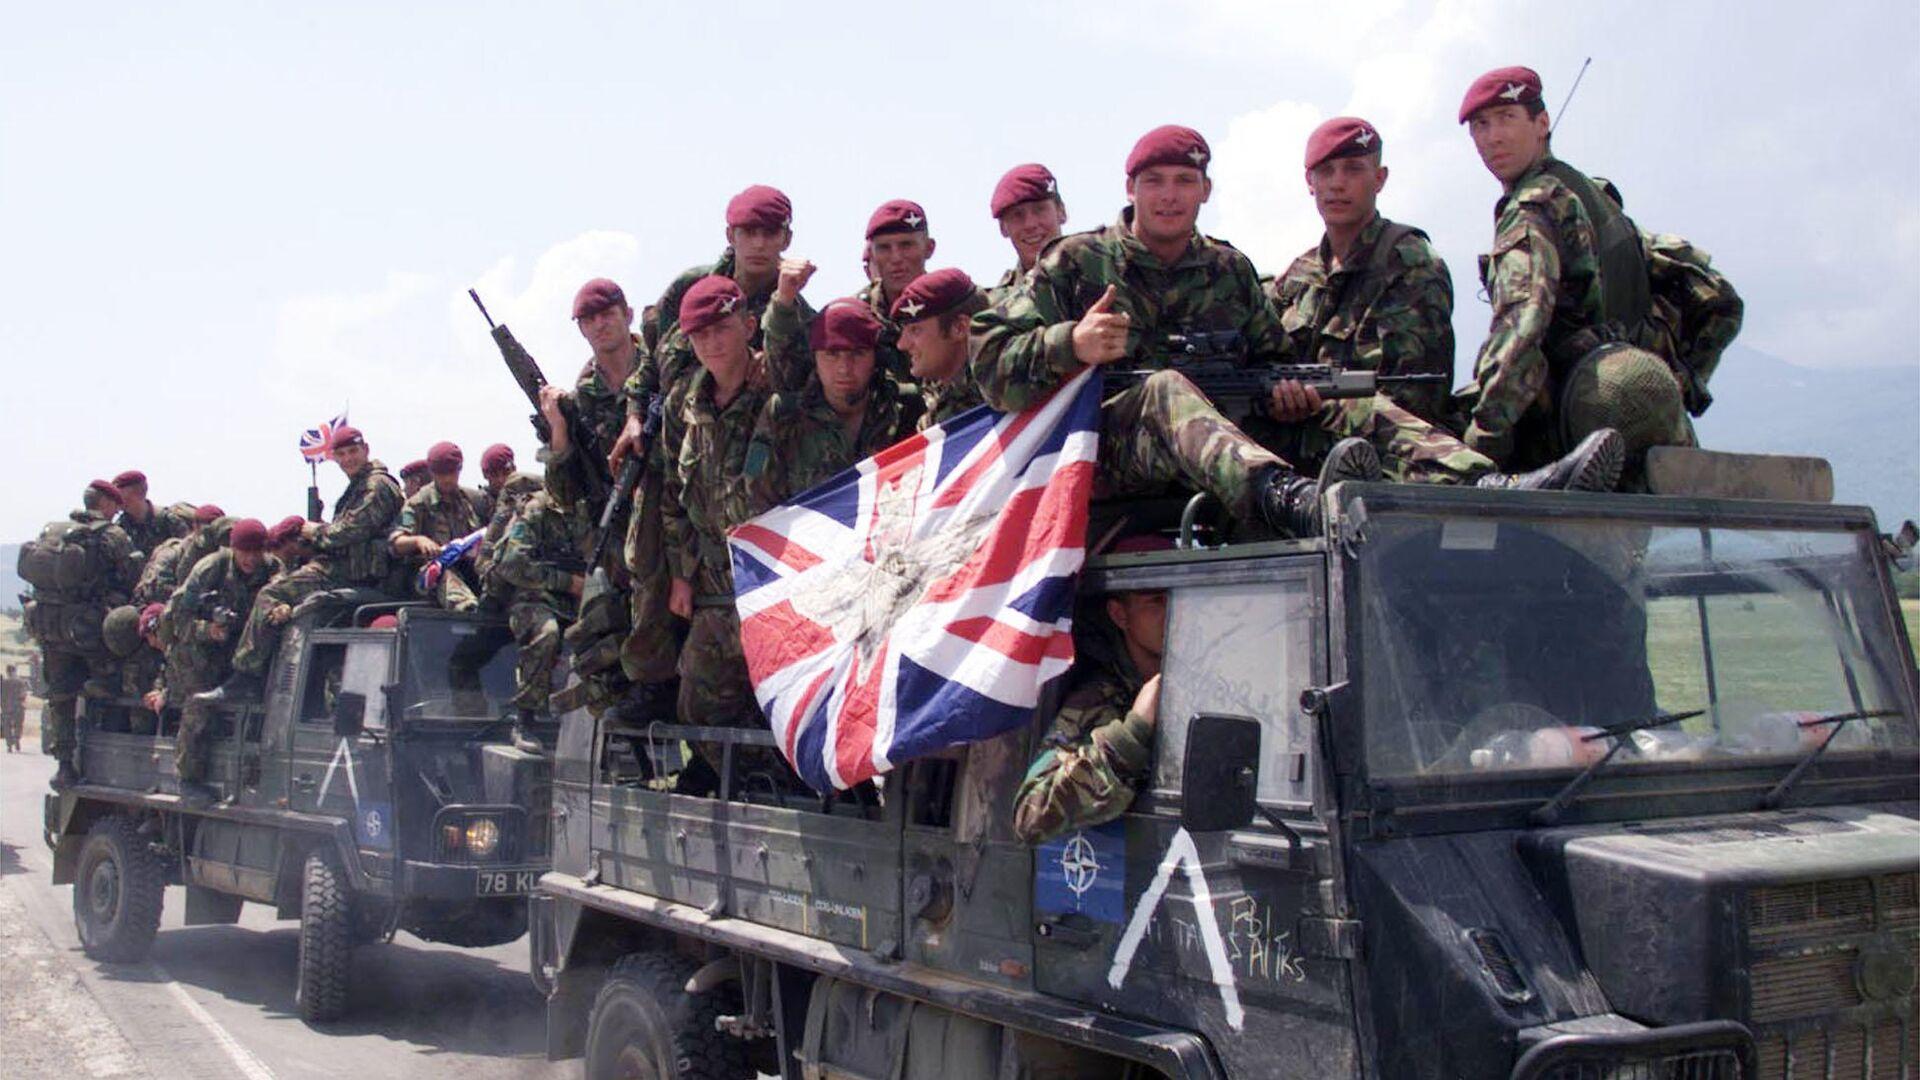 Британские солдаты по дороге к аэропорту Слатина. 12 июня 1999 - РИА Новости, 1920, 10.10.2021